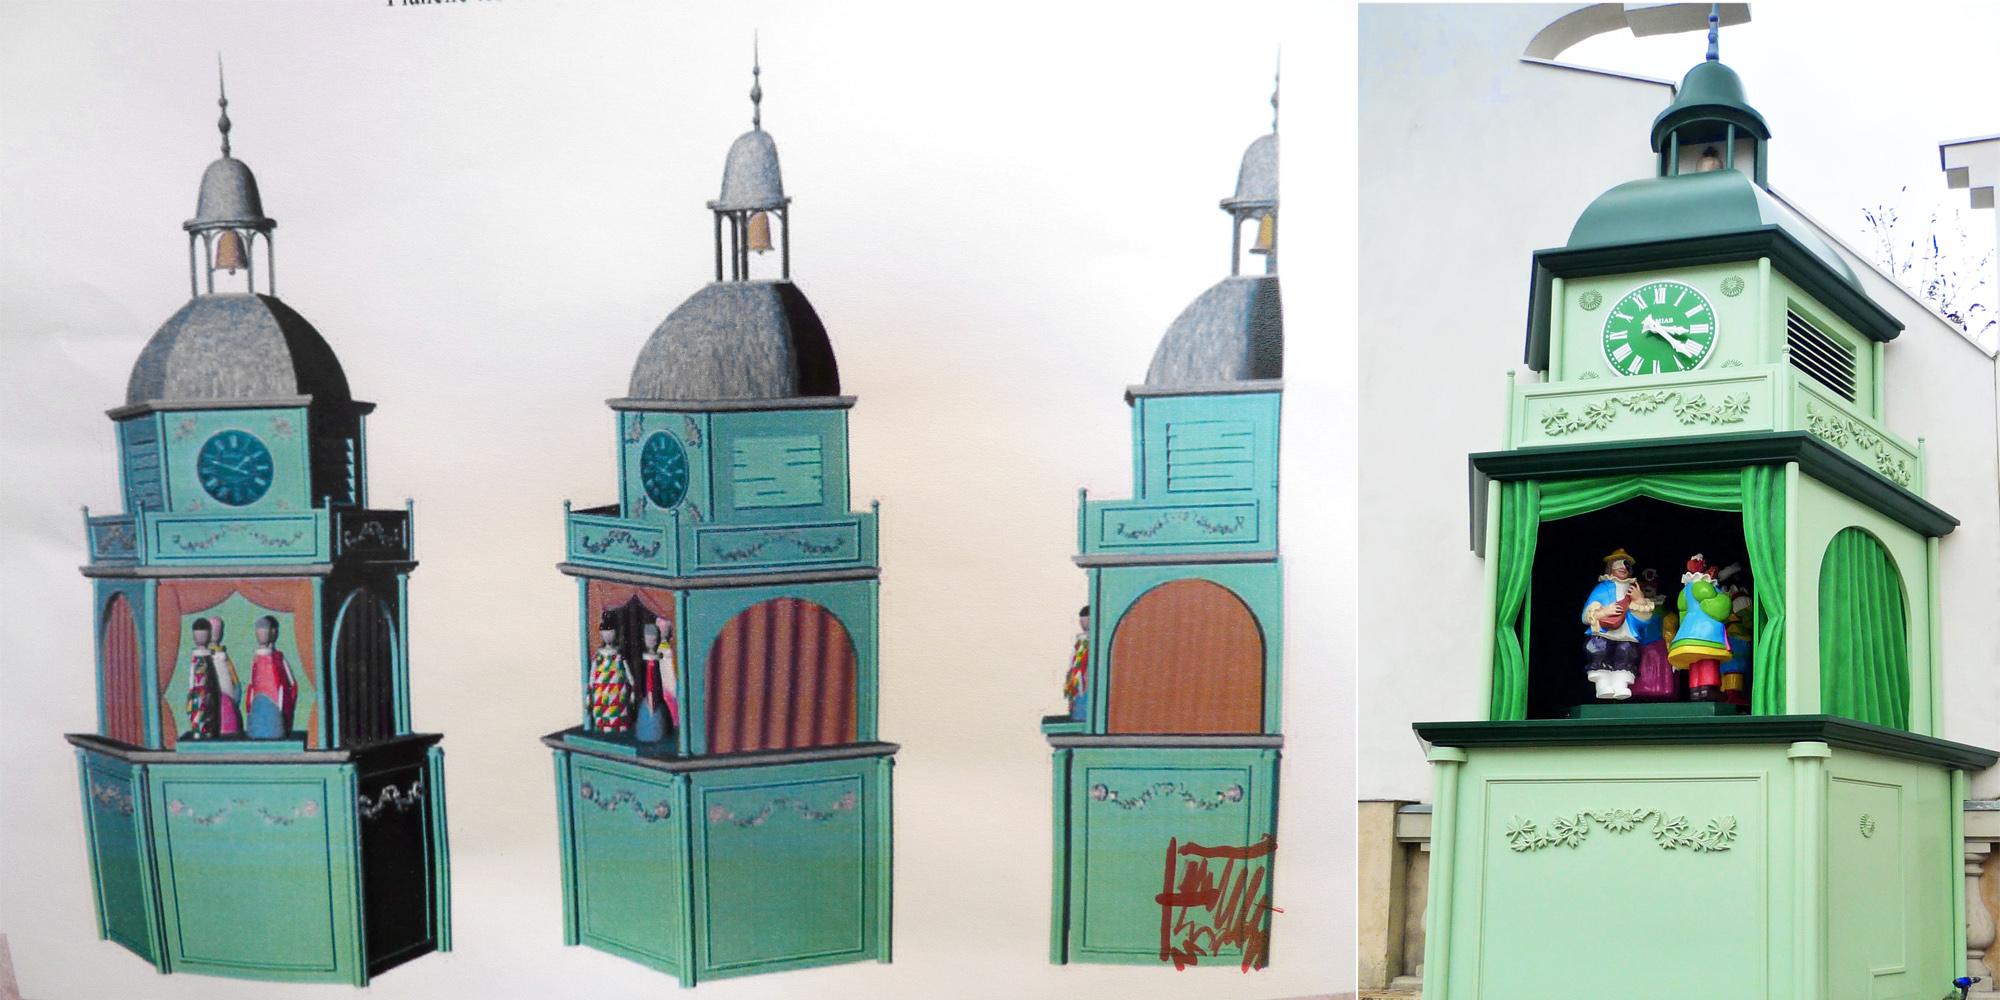 vous pouvez comparer le croquis et la réalisation finale du décor de kiosque,colonne morris animée